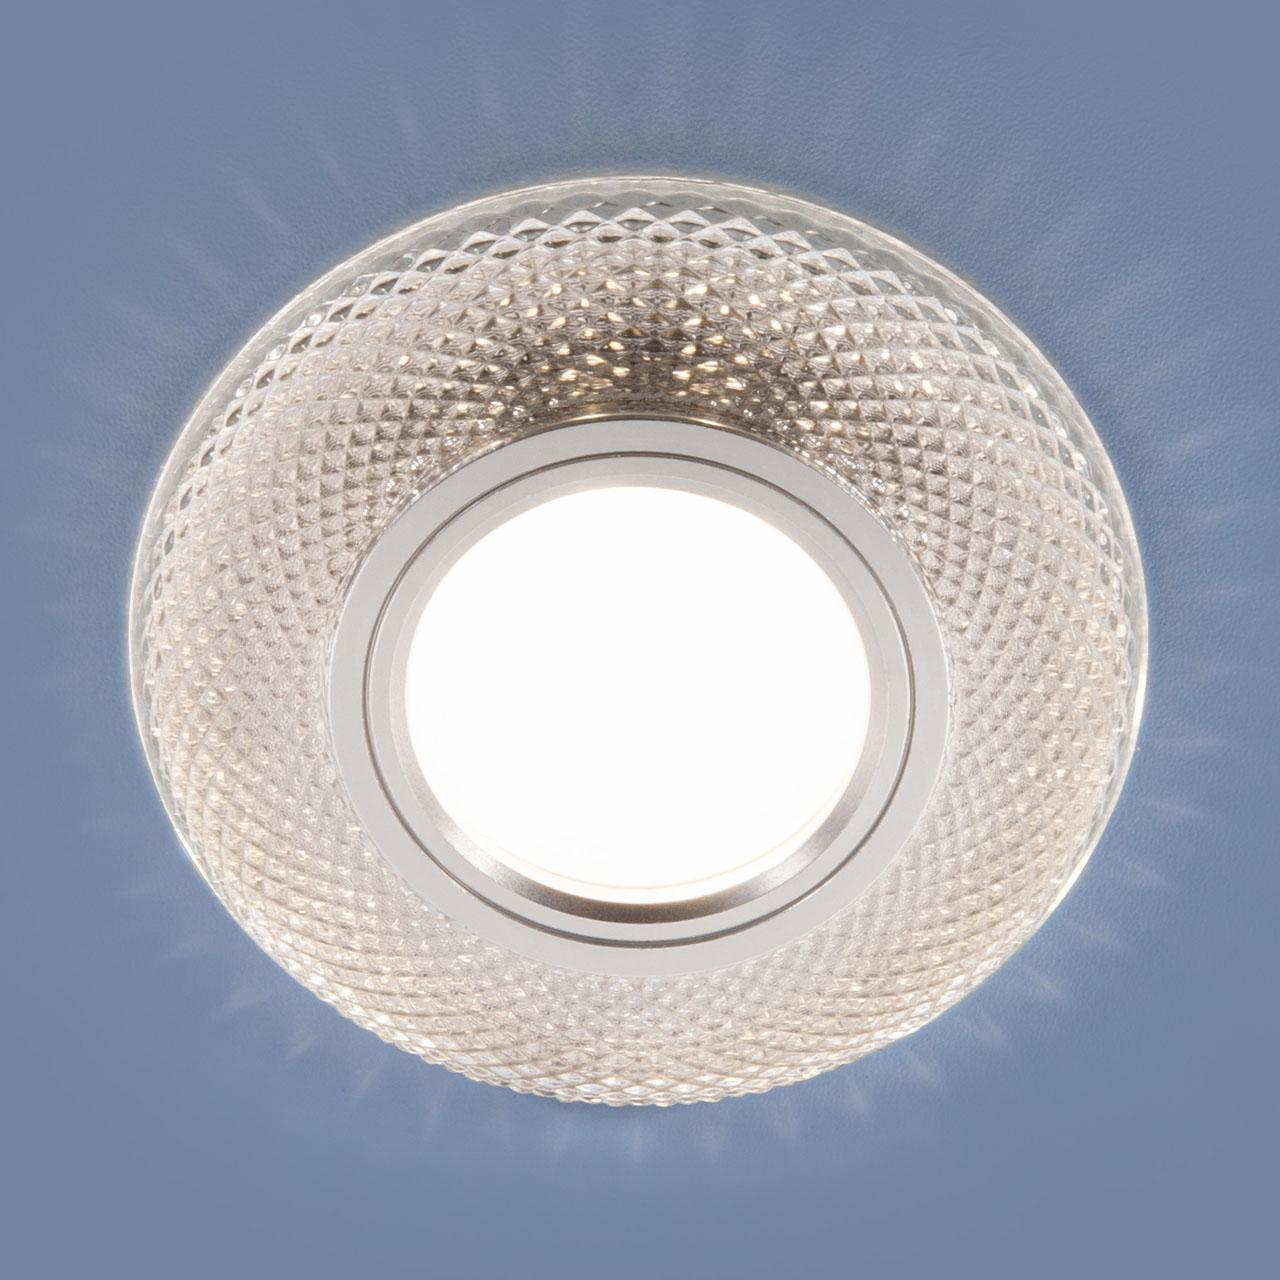 2238 MR16 / Светильник втраиваемый CL прозрачный